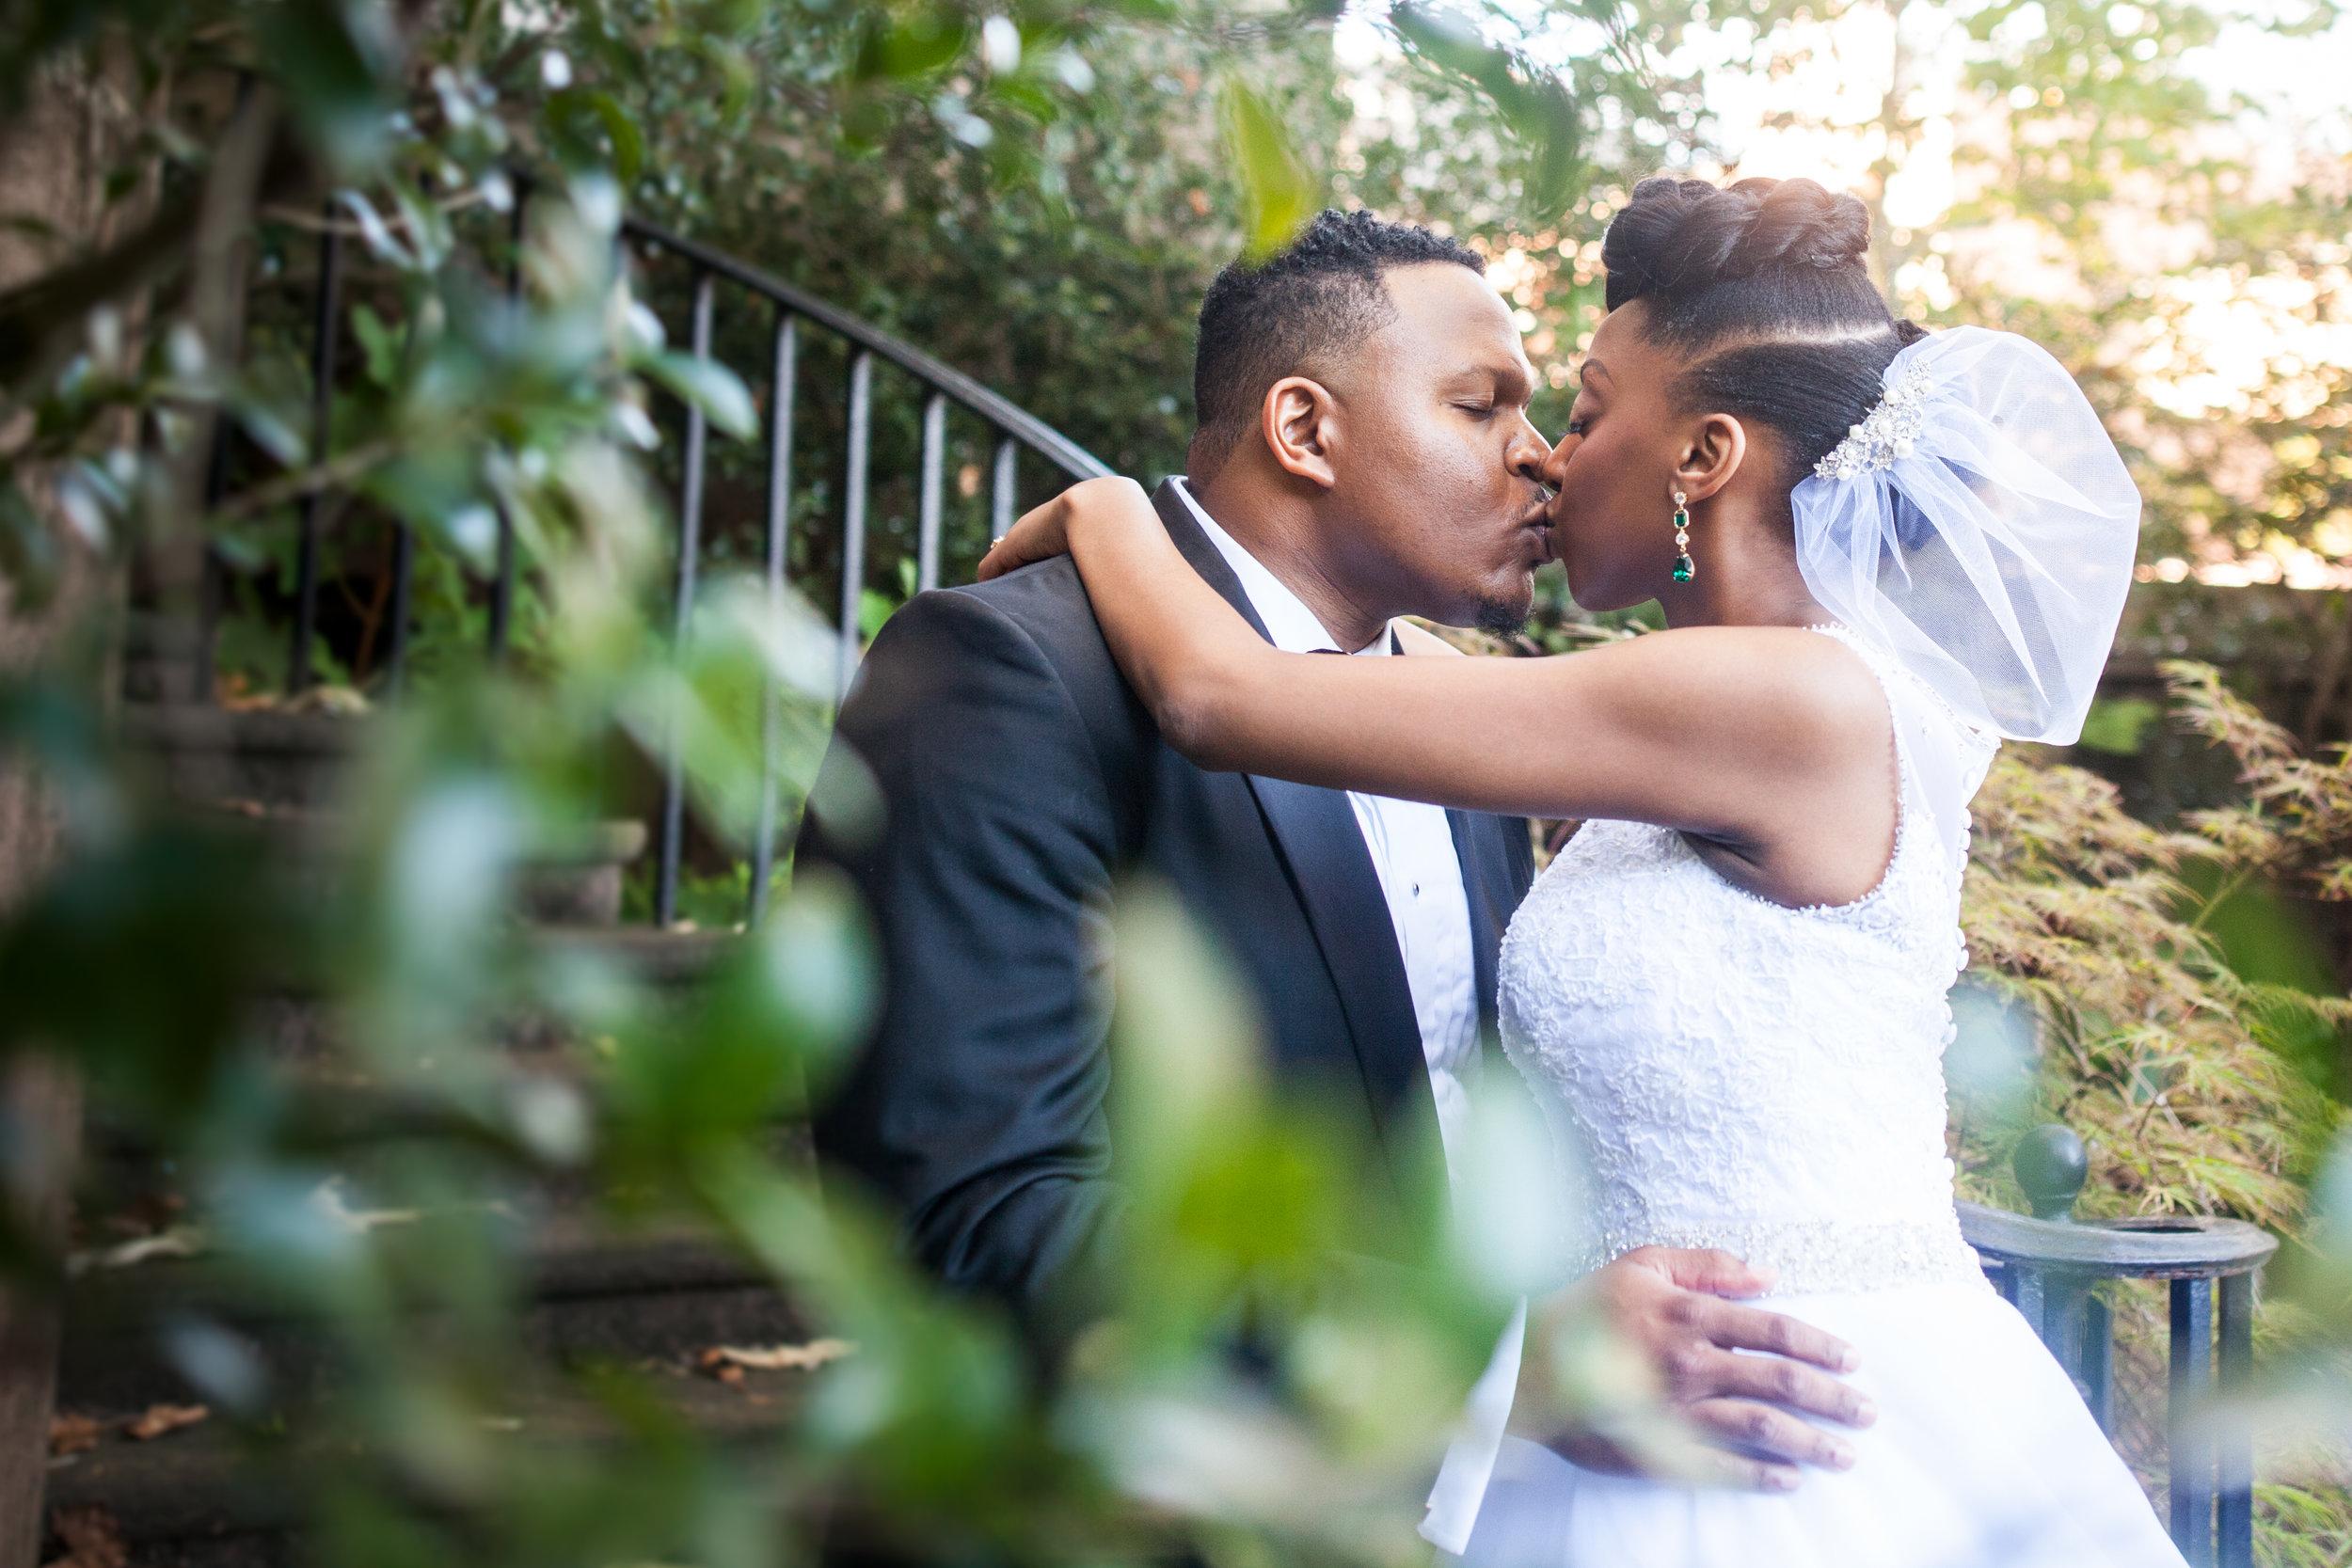 charleston-wedding-zimbabwean-zoe-litaker-photography